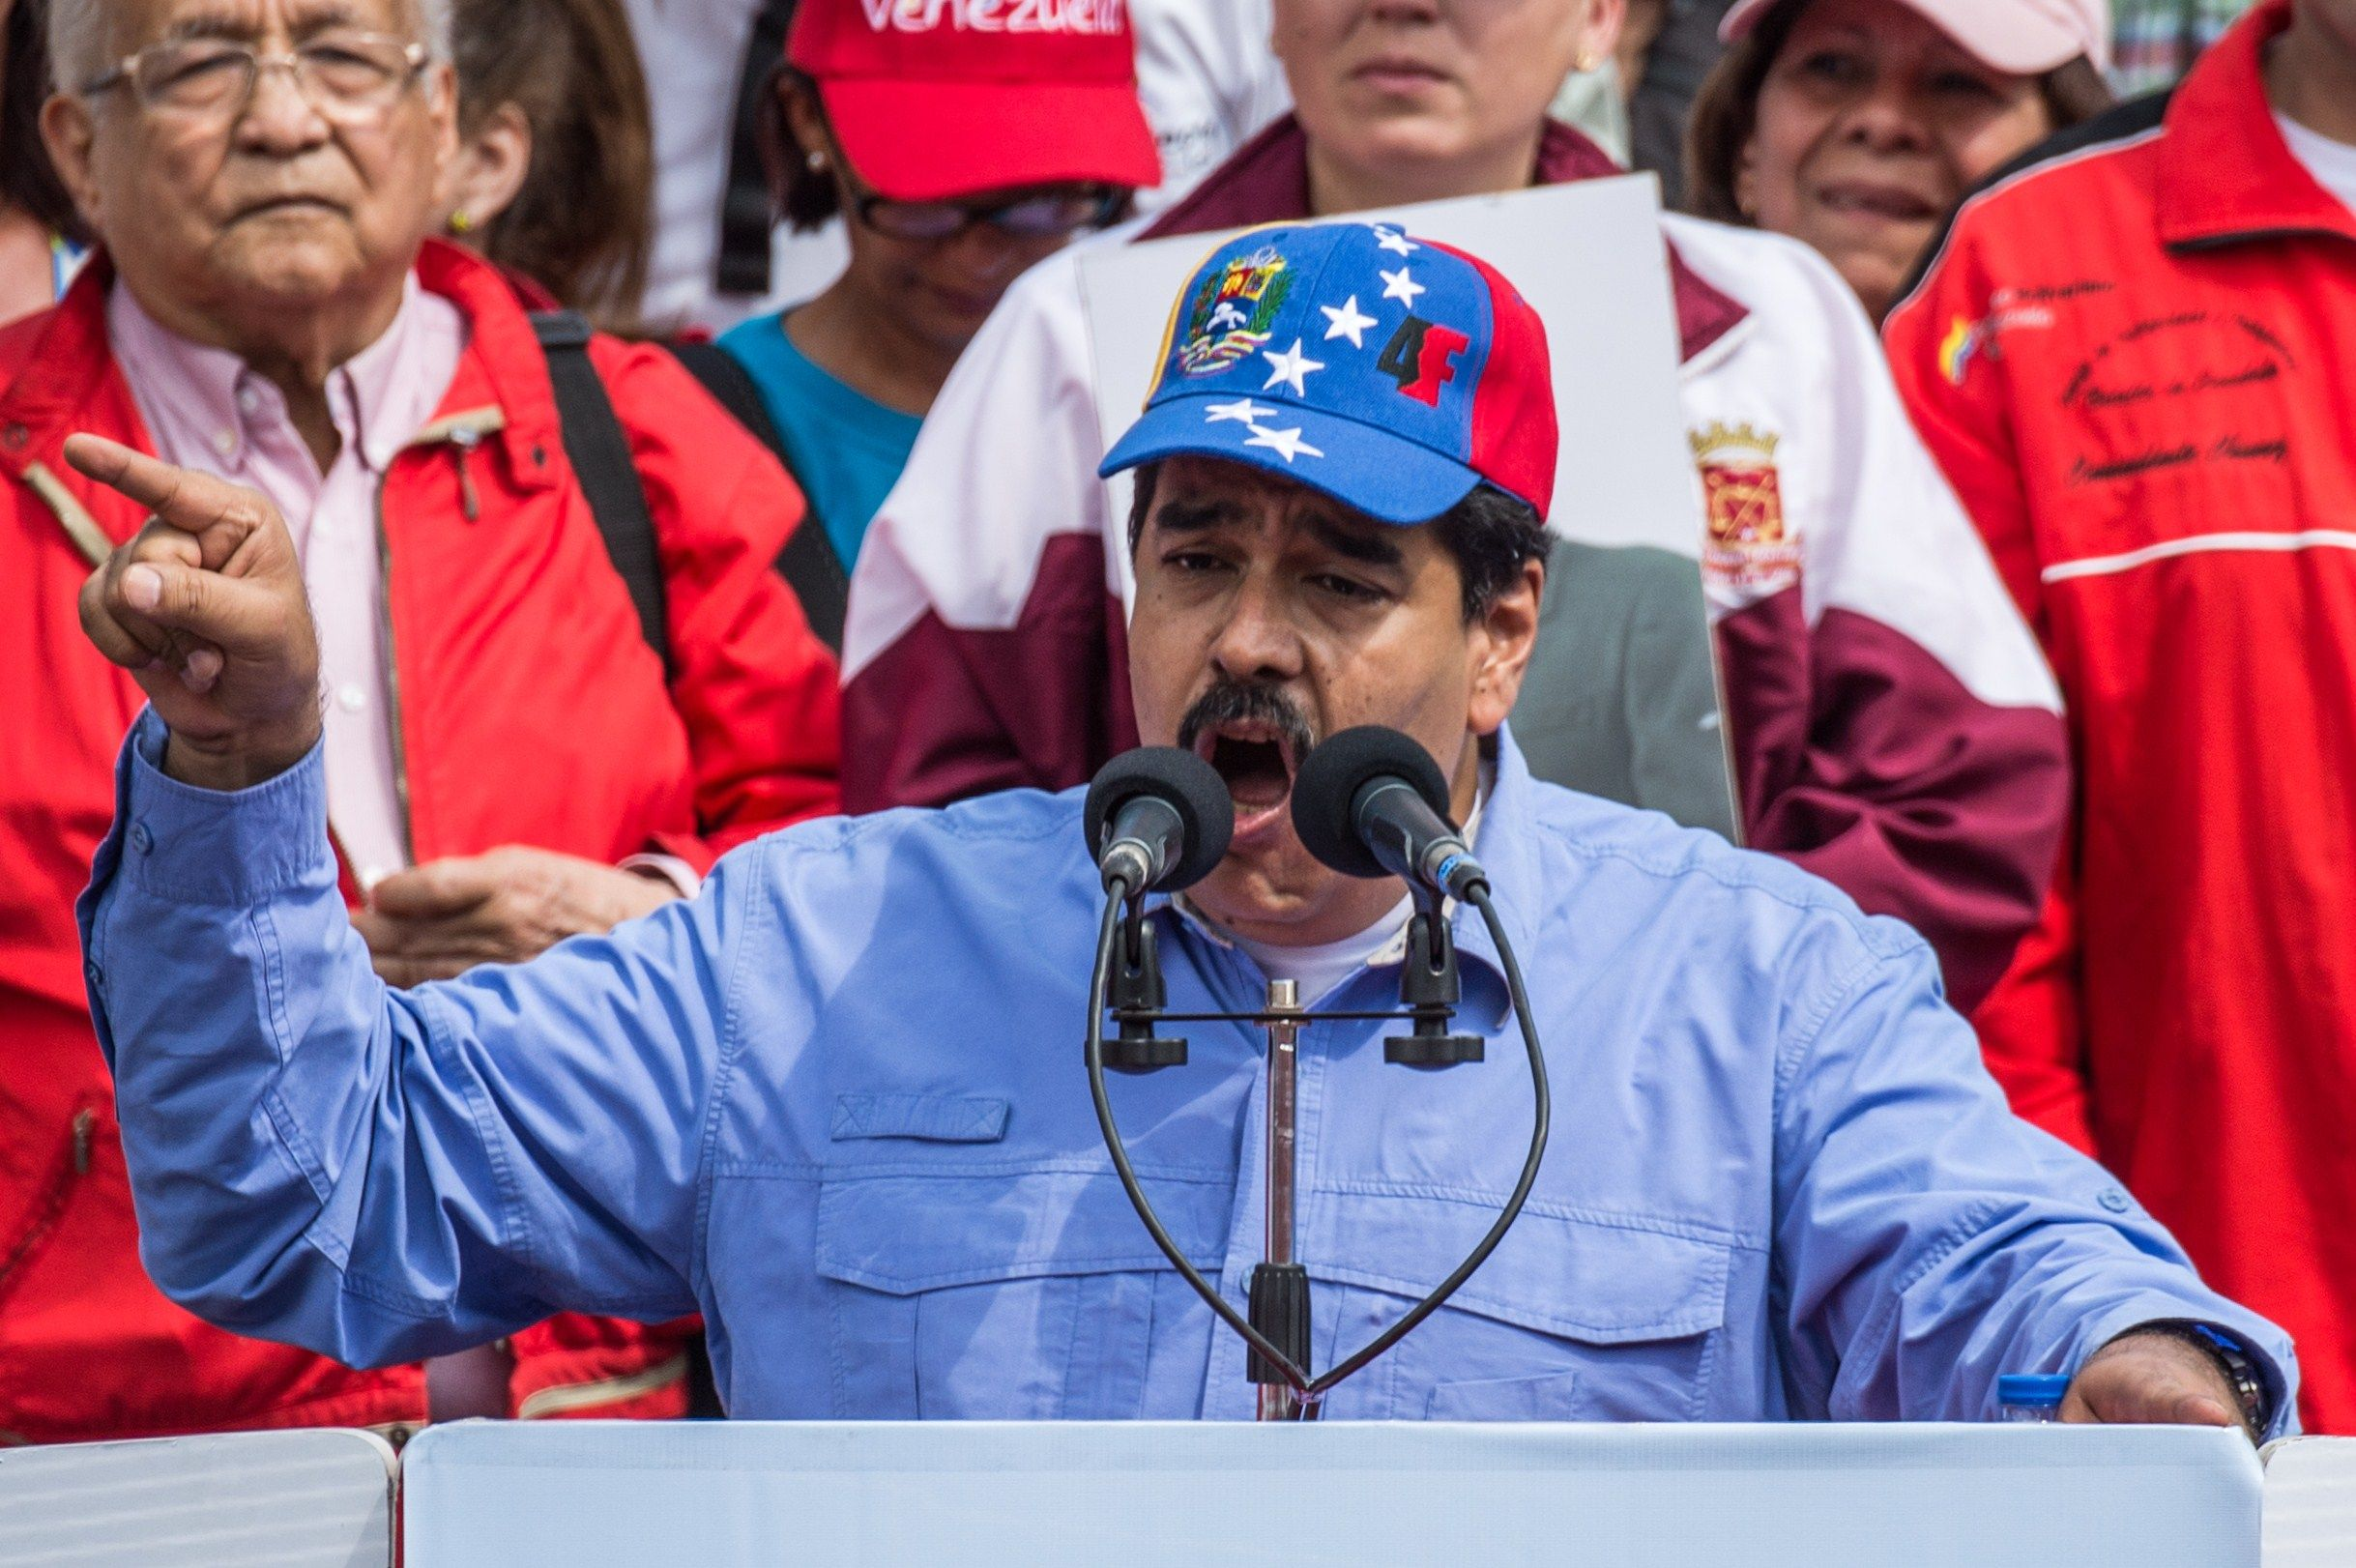 nicolasMaduro-Rally